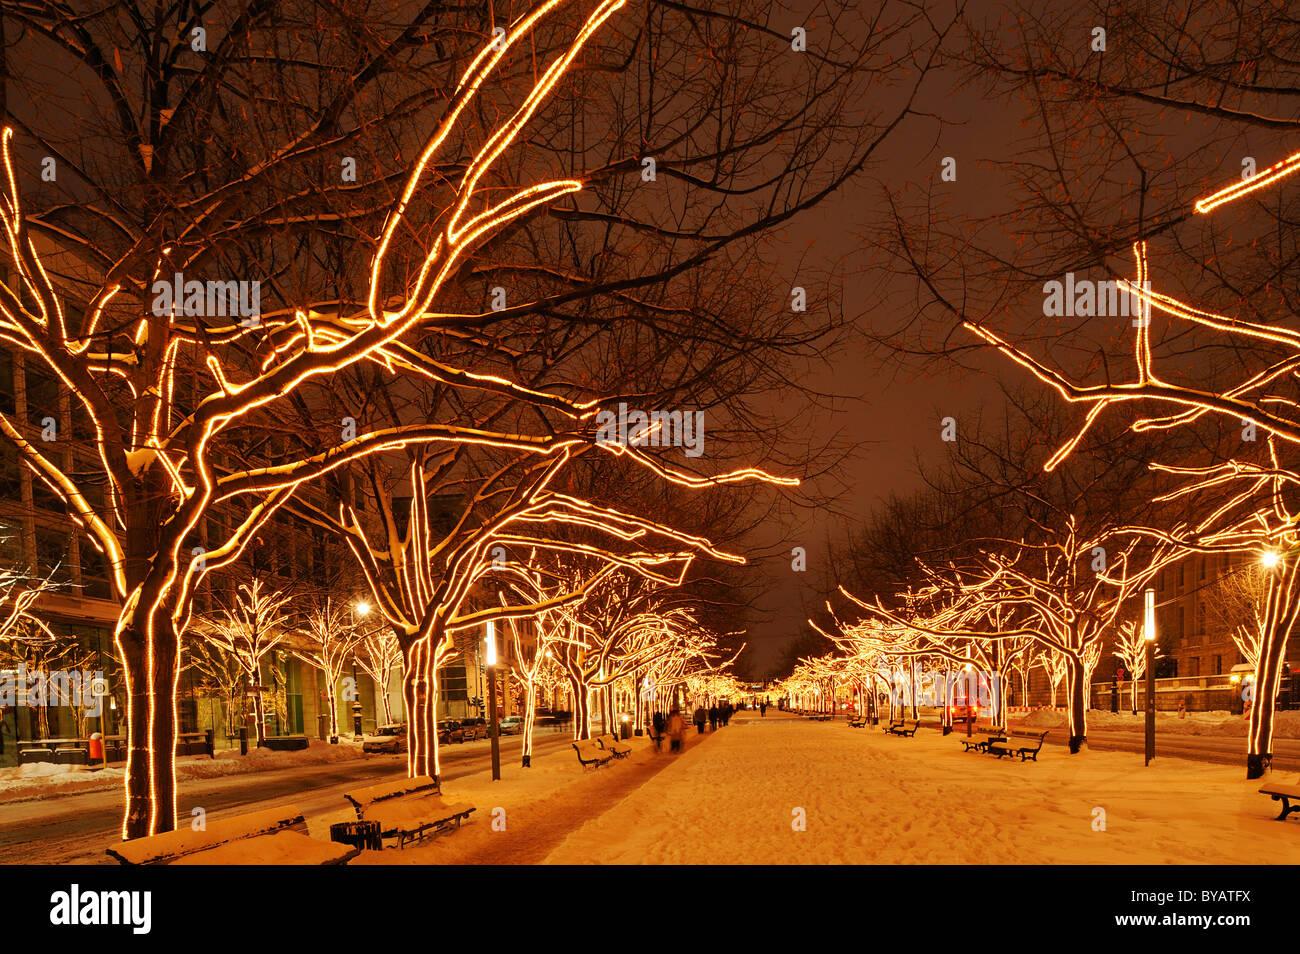 Las luces de Navidad en el paseo Unter den Linden, Berlín, Alemania, Europa Imagen De Stock